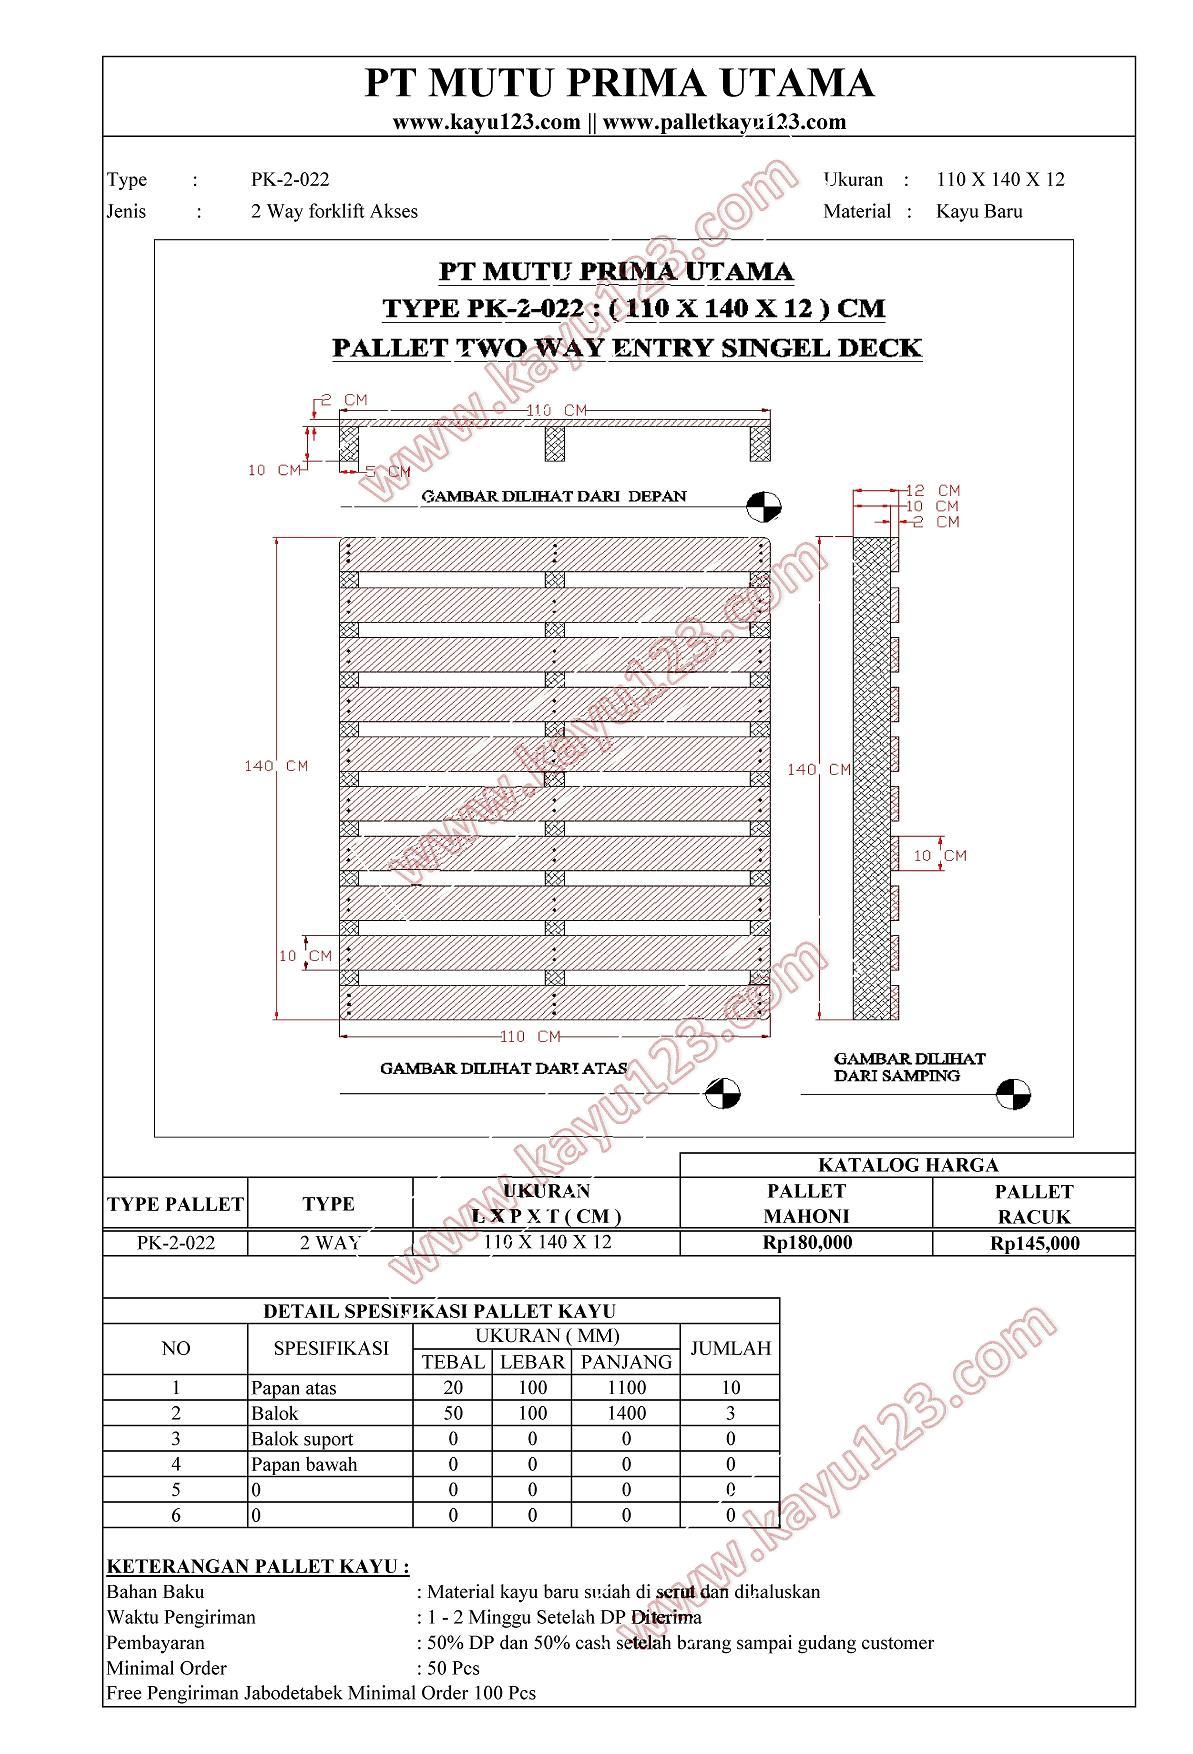 HARGA JUAL PALLET KAYU TYPE PK-2-022